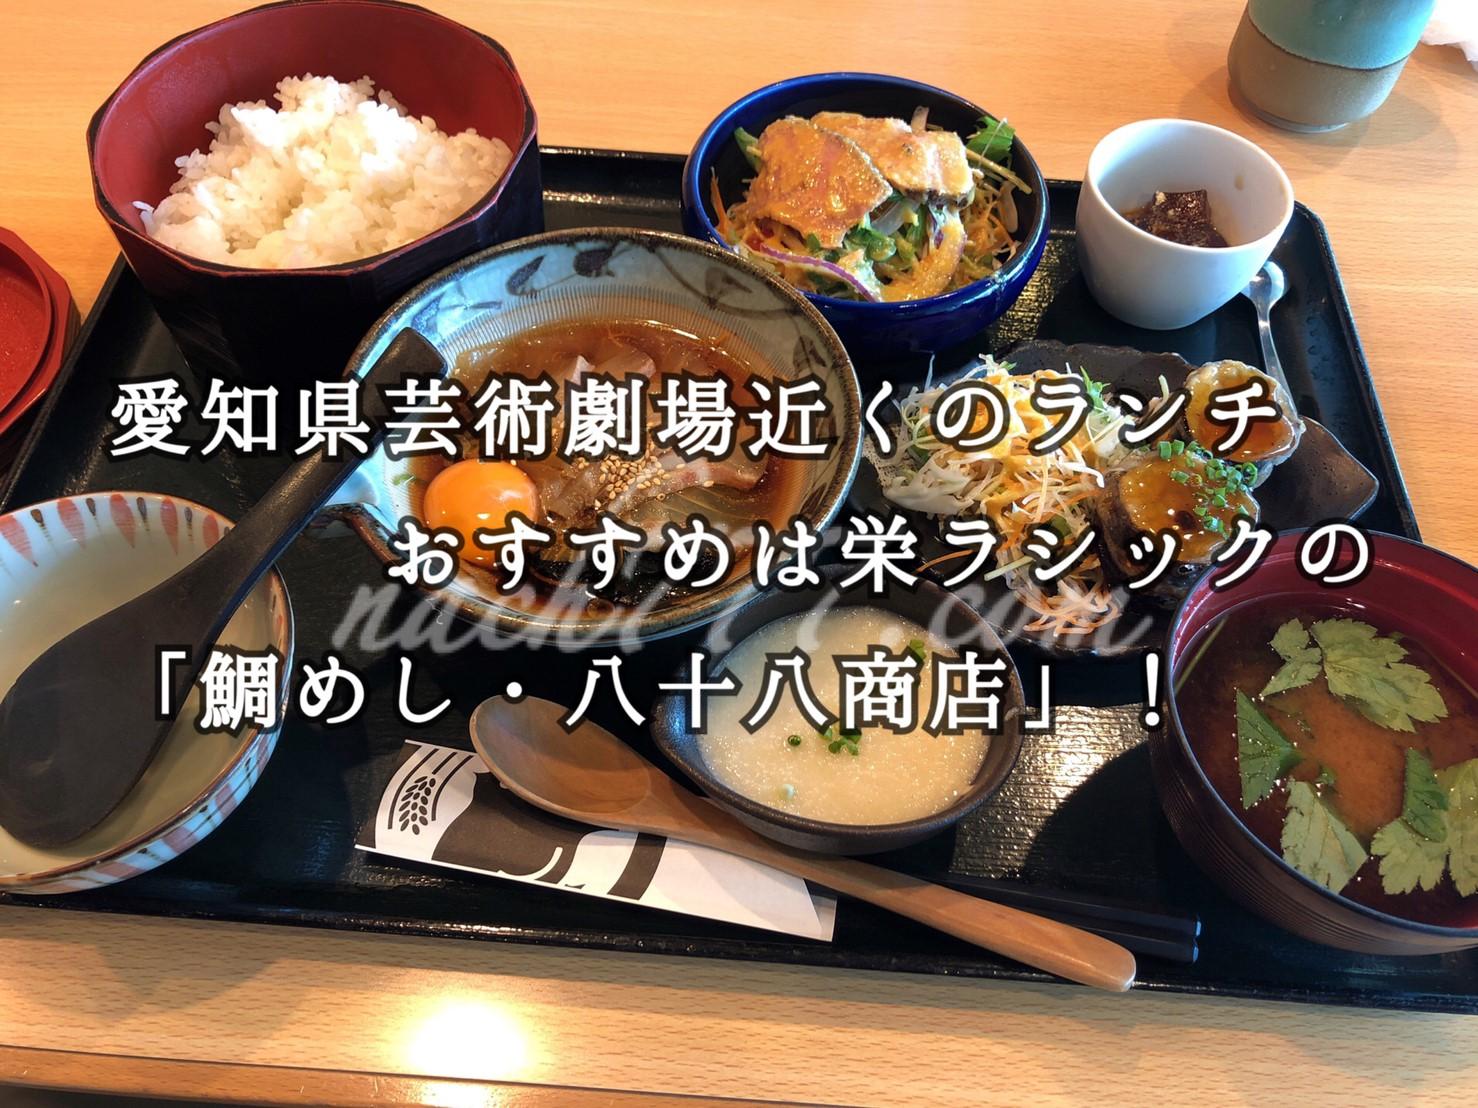 愛知県芸術劇場近くのランチおすすめは栄ラシック「鯛めし・八十八商店」!